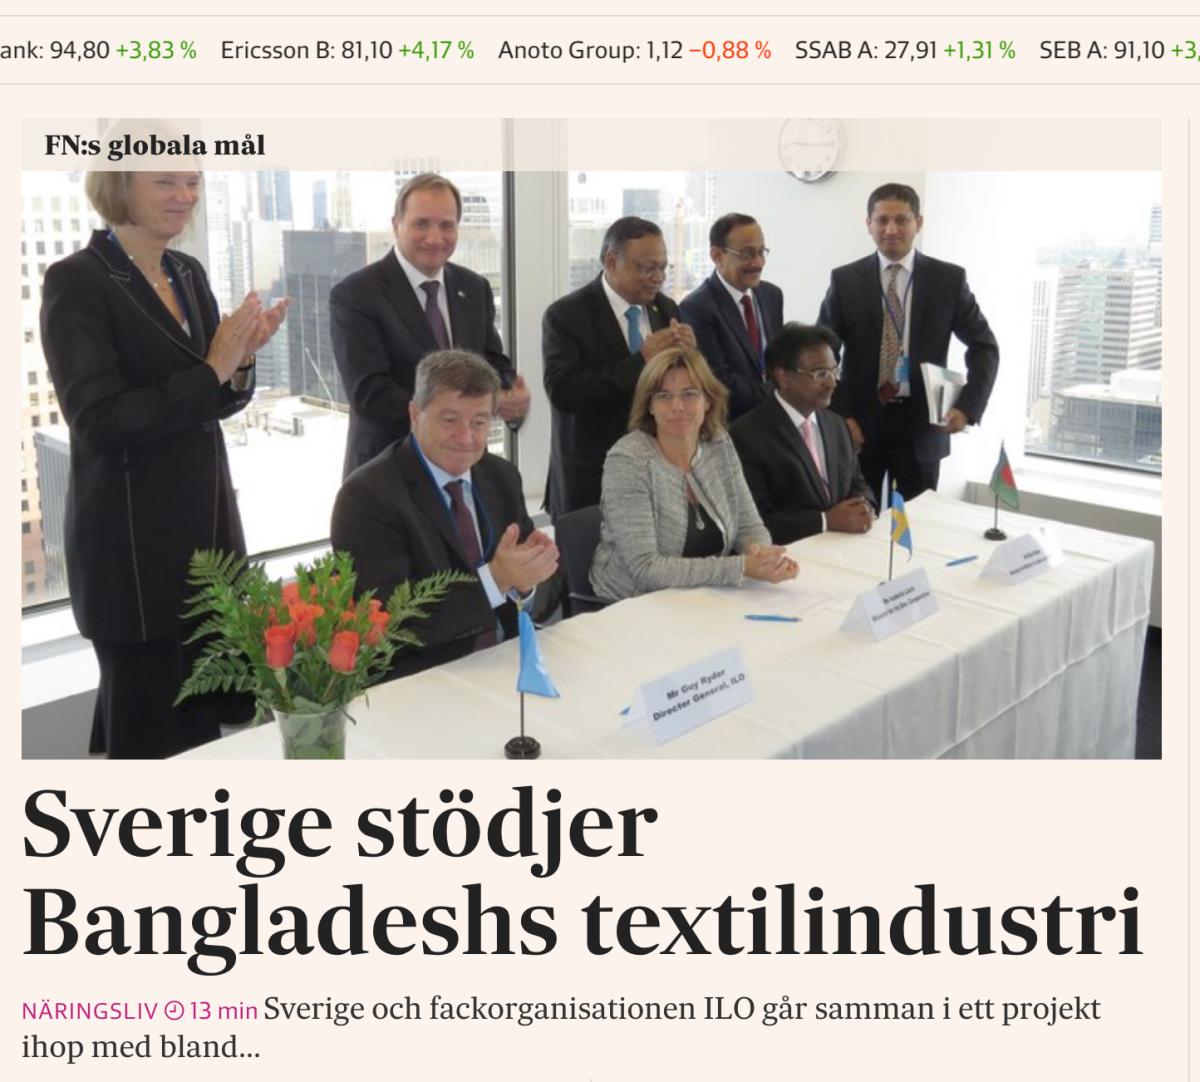 Artikeln om Bangladeshs textilindustri på svd.se.